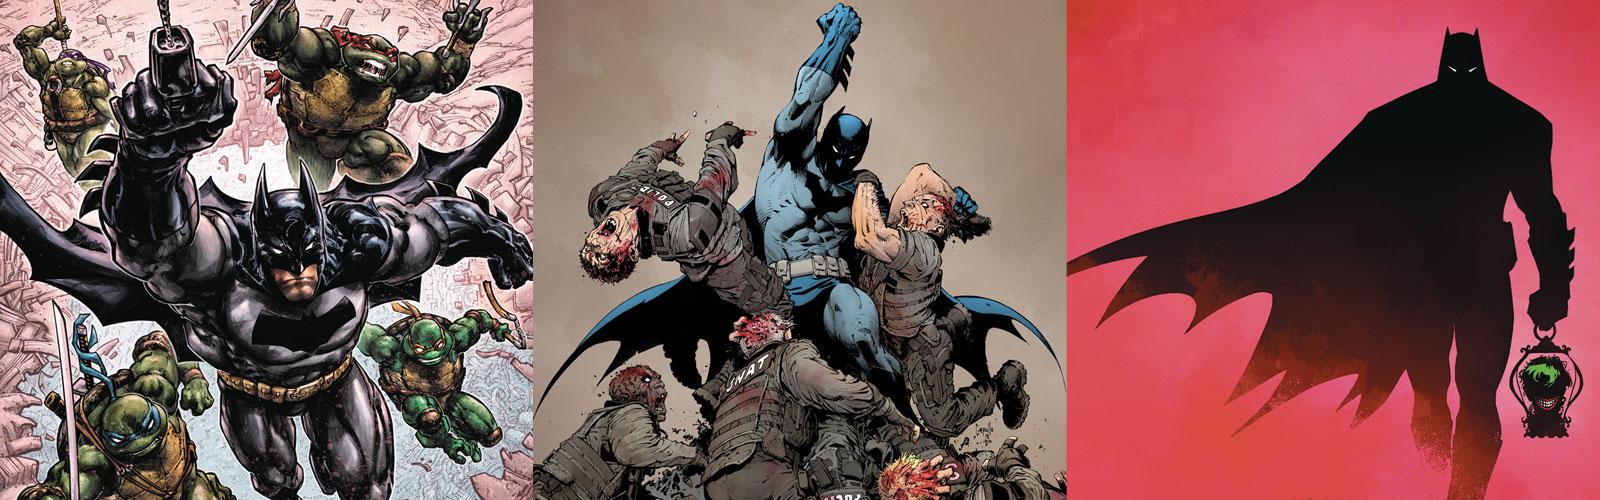 Solicitations: May 2019 – DC Comics